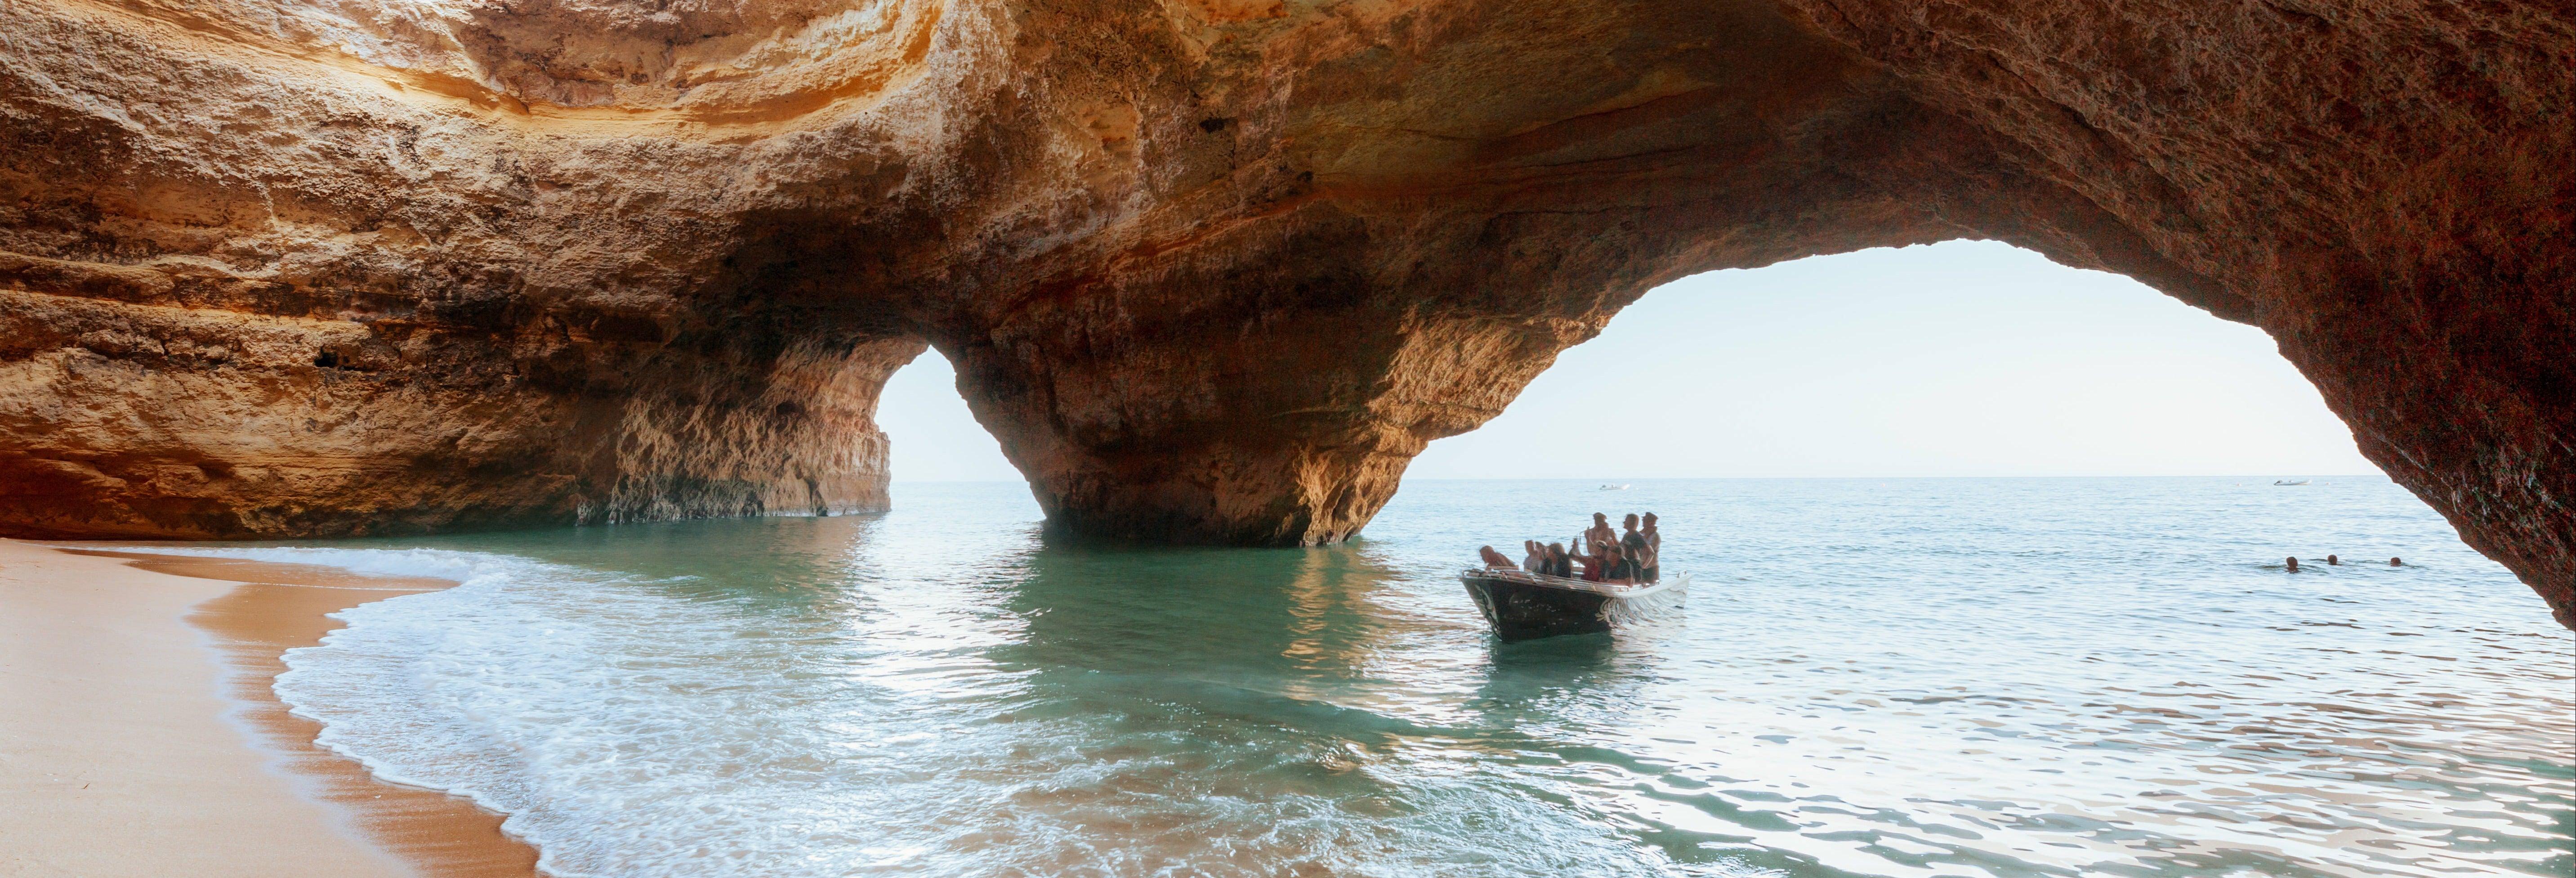 Paseo en barco privado por las cuevas de Benagil